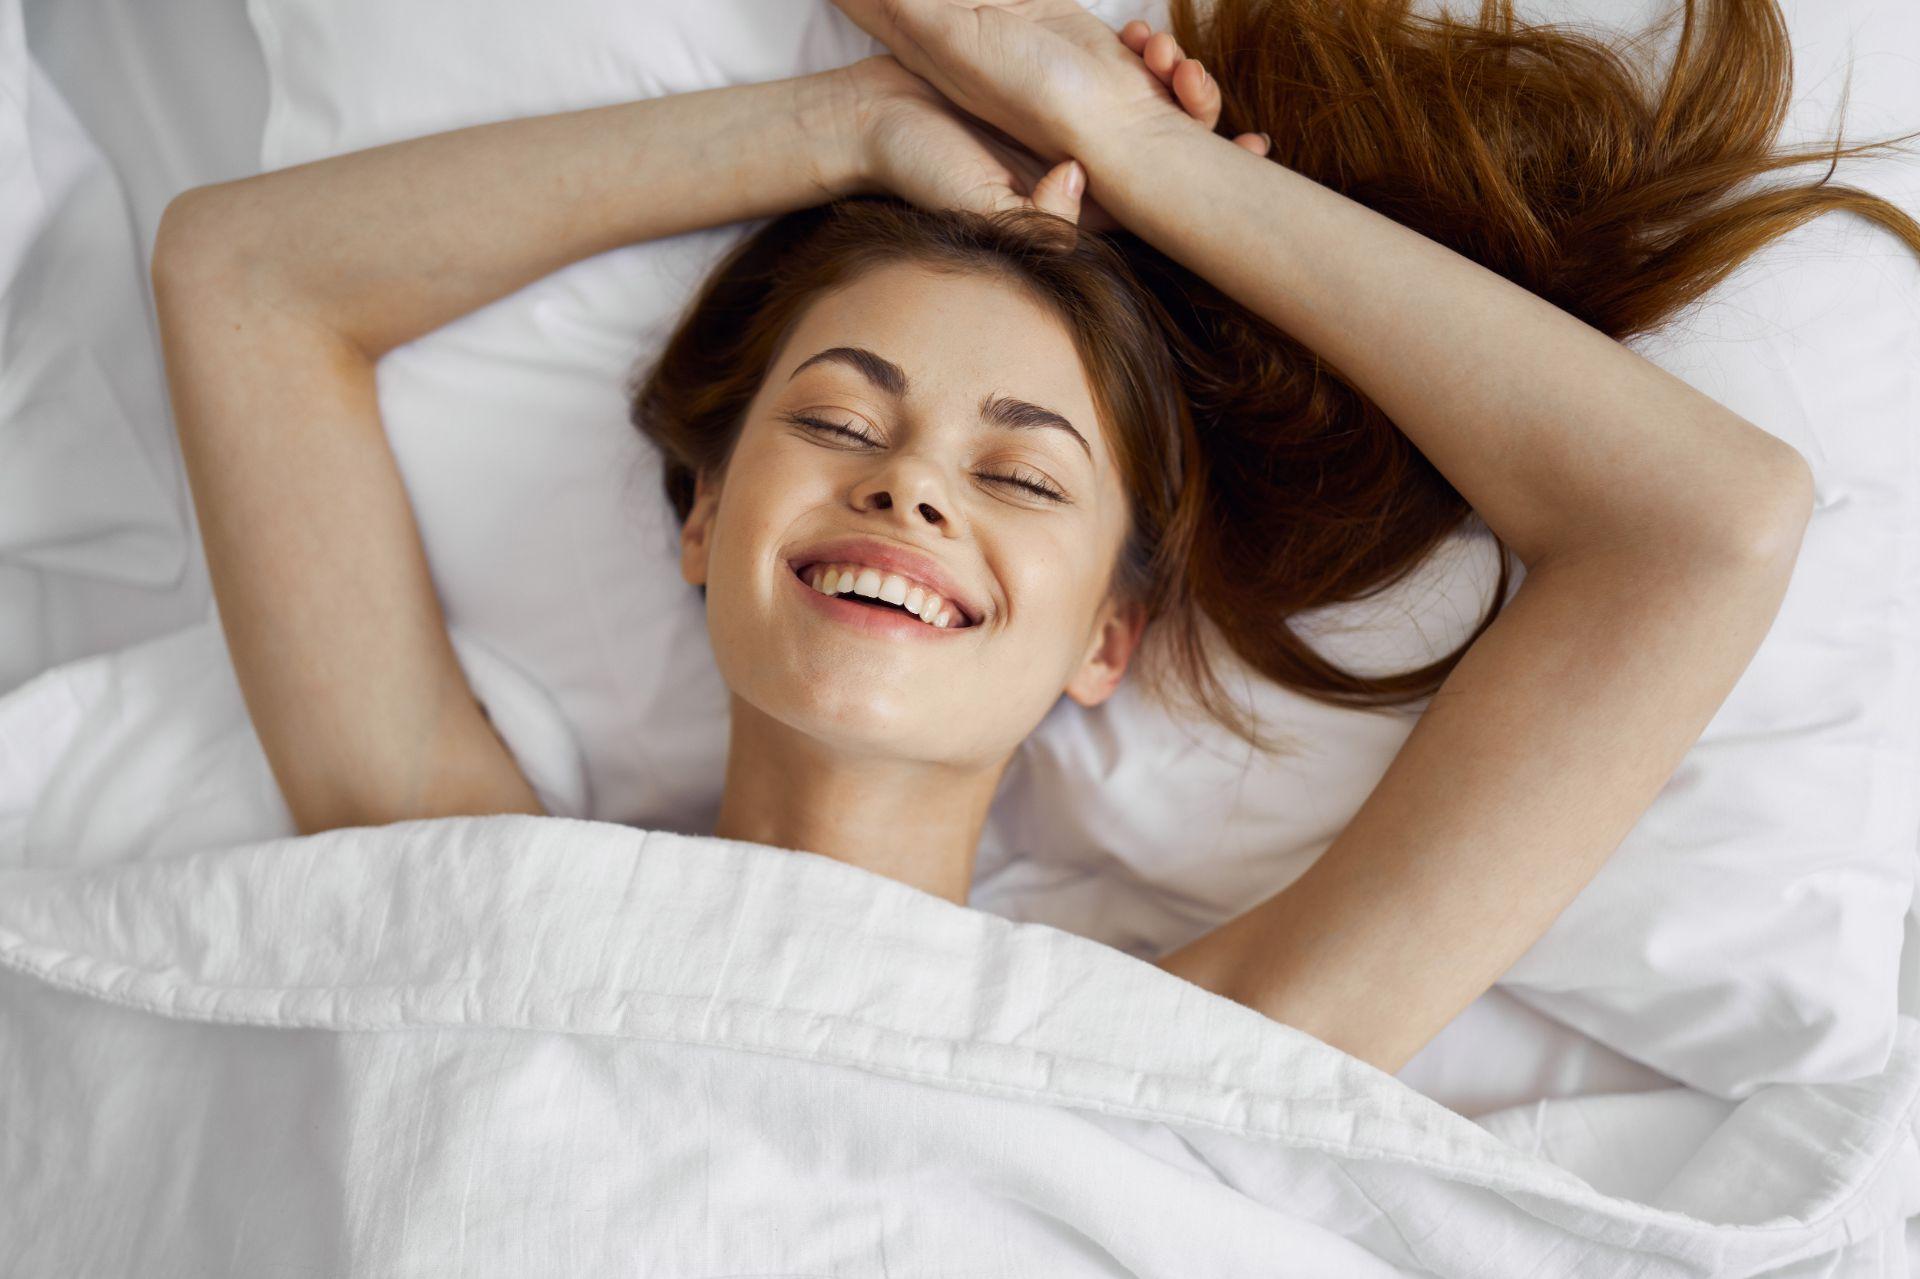 סקס סטייל אביזרי מין במחירים מעולים